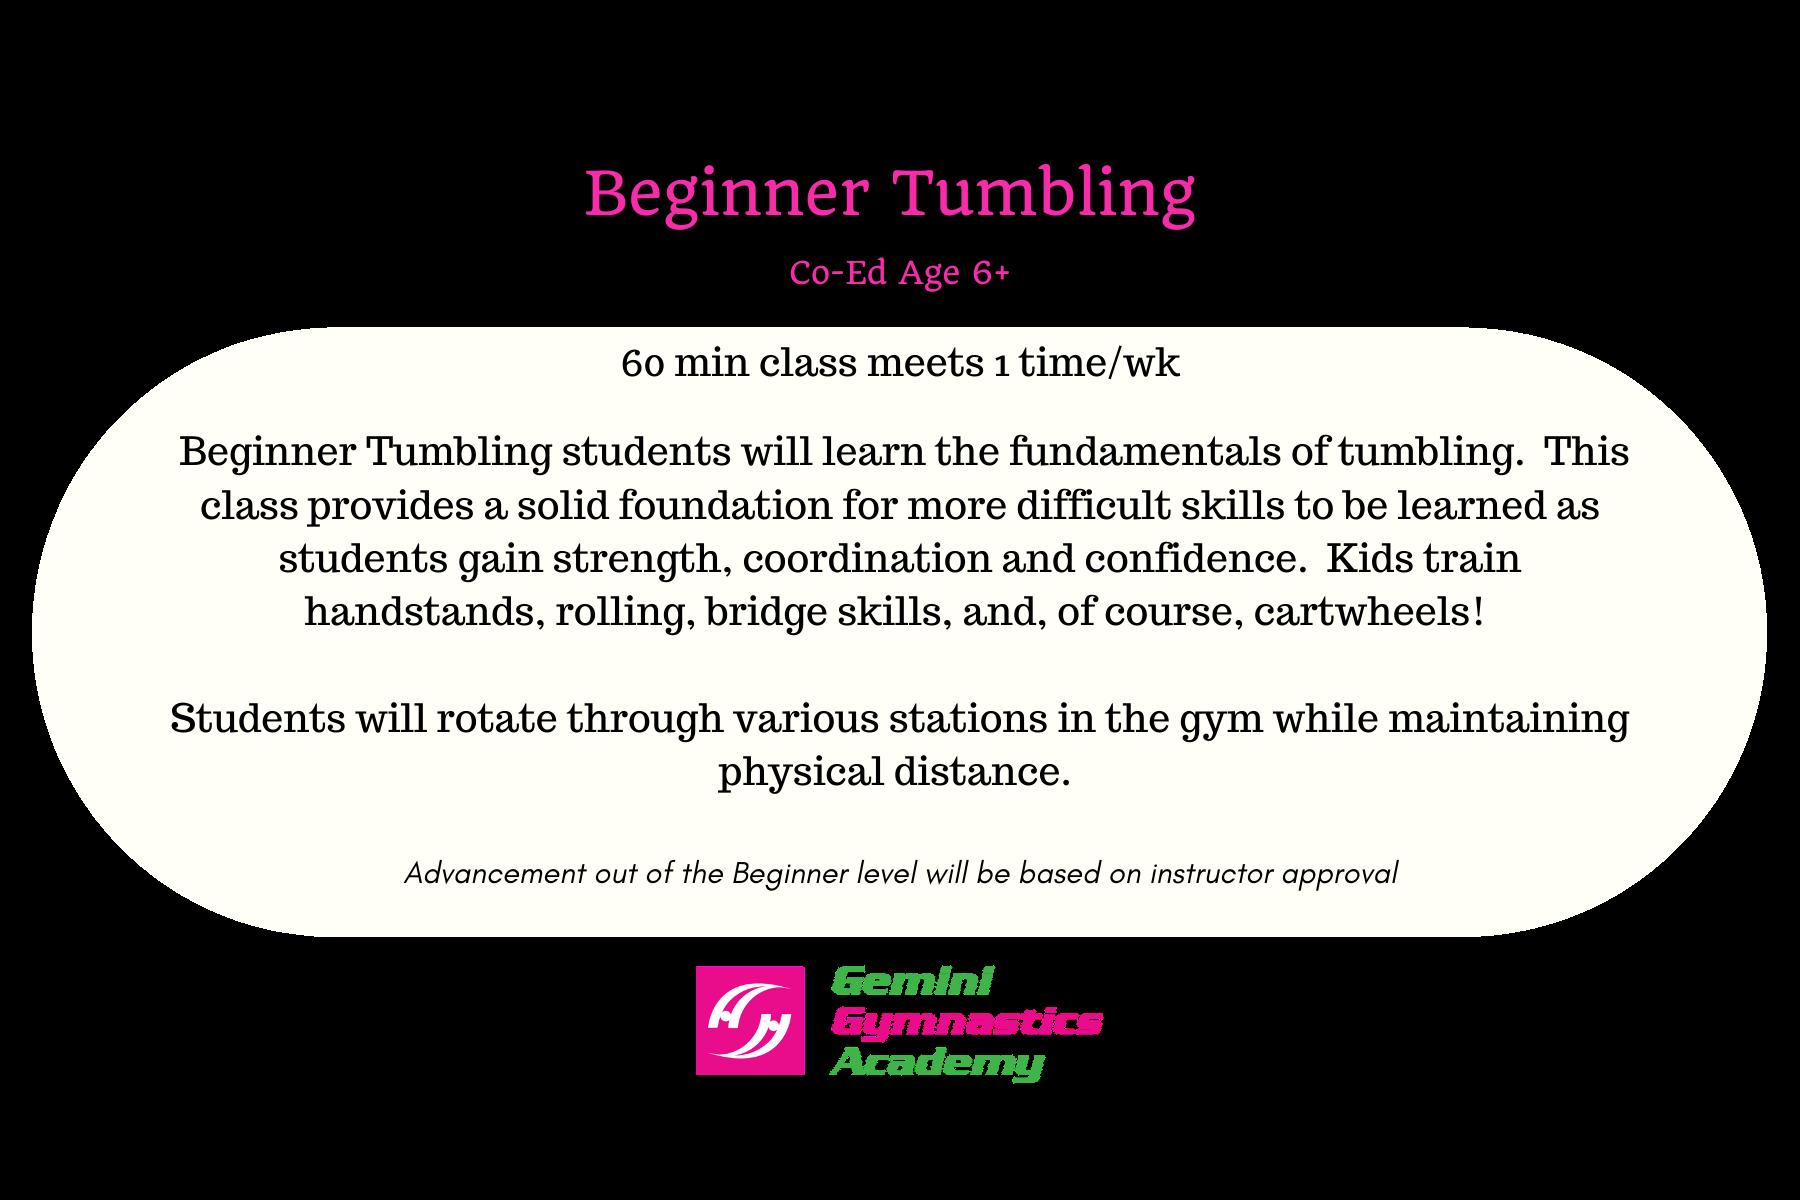 B tumbling